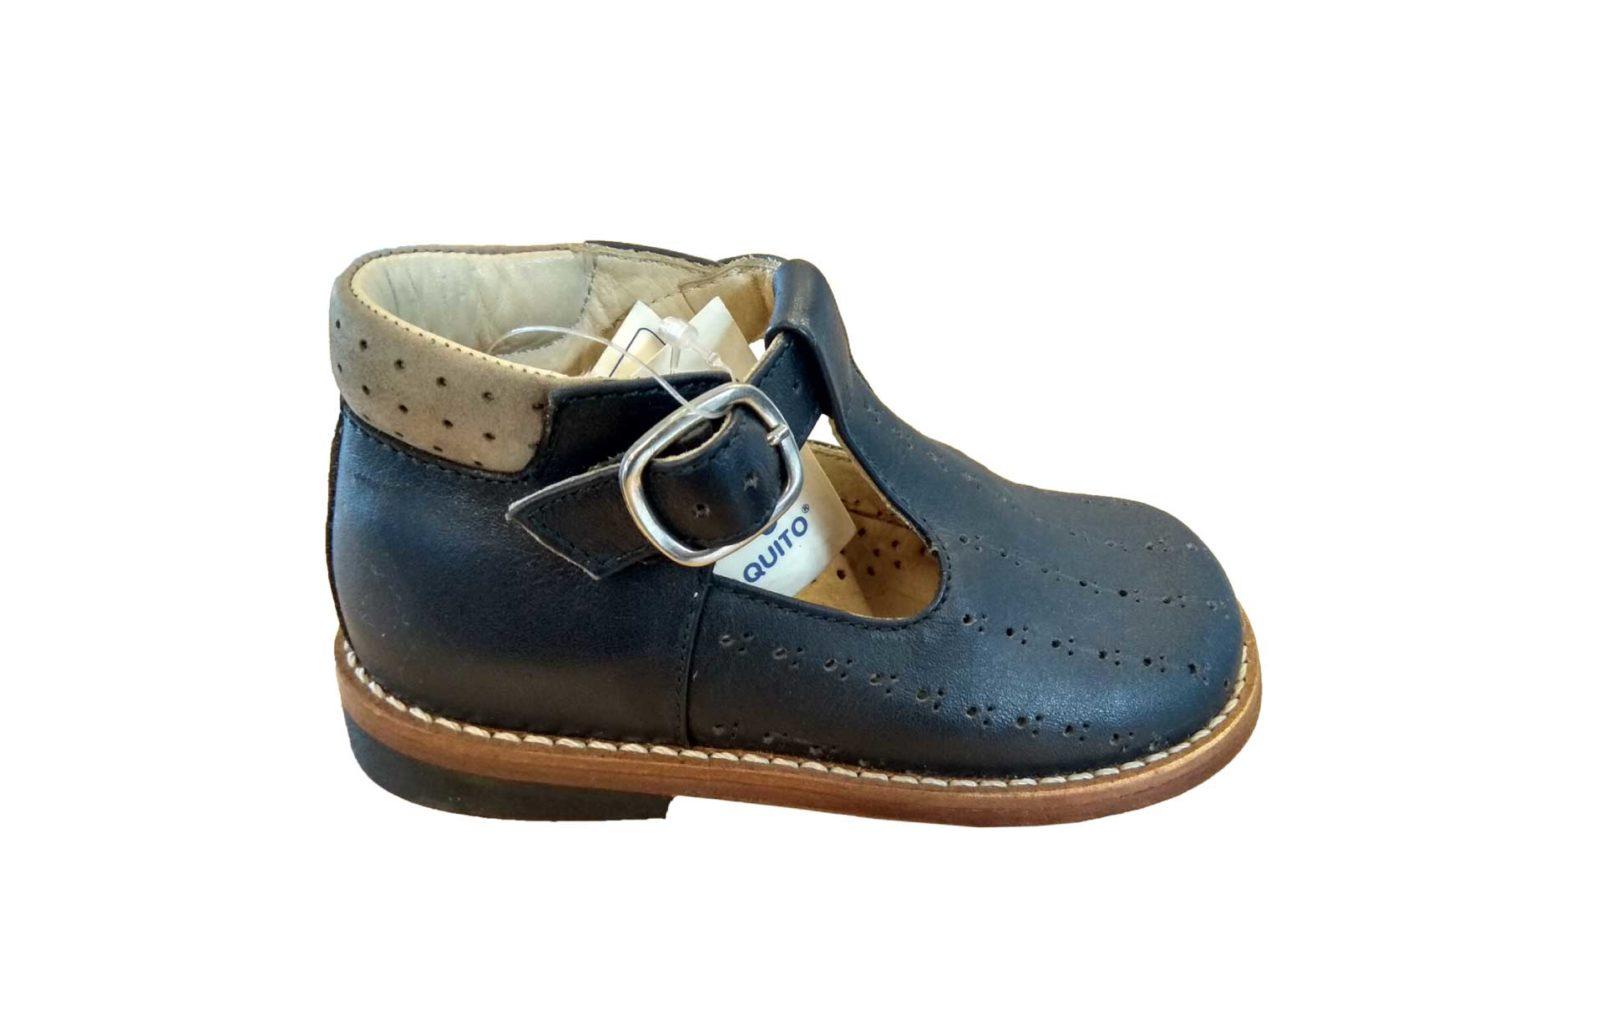 Sapatos ortopédicos de criança, tamanho 24, modelo clássico comaberturas de lado, da marca Paquito. Em azul escuro com pormenor bege